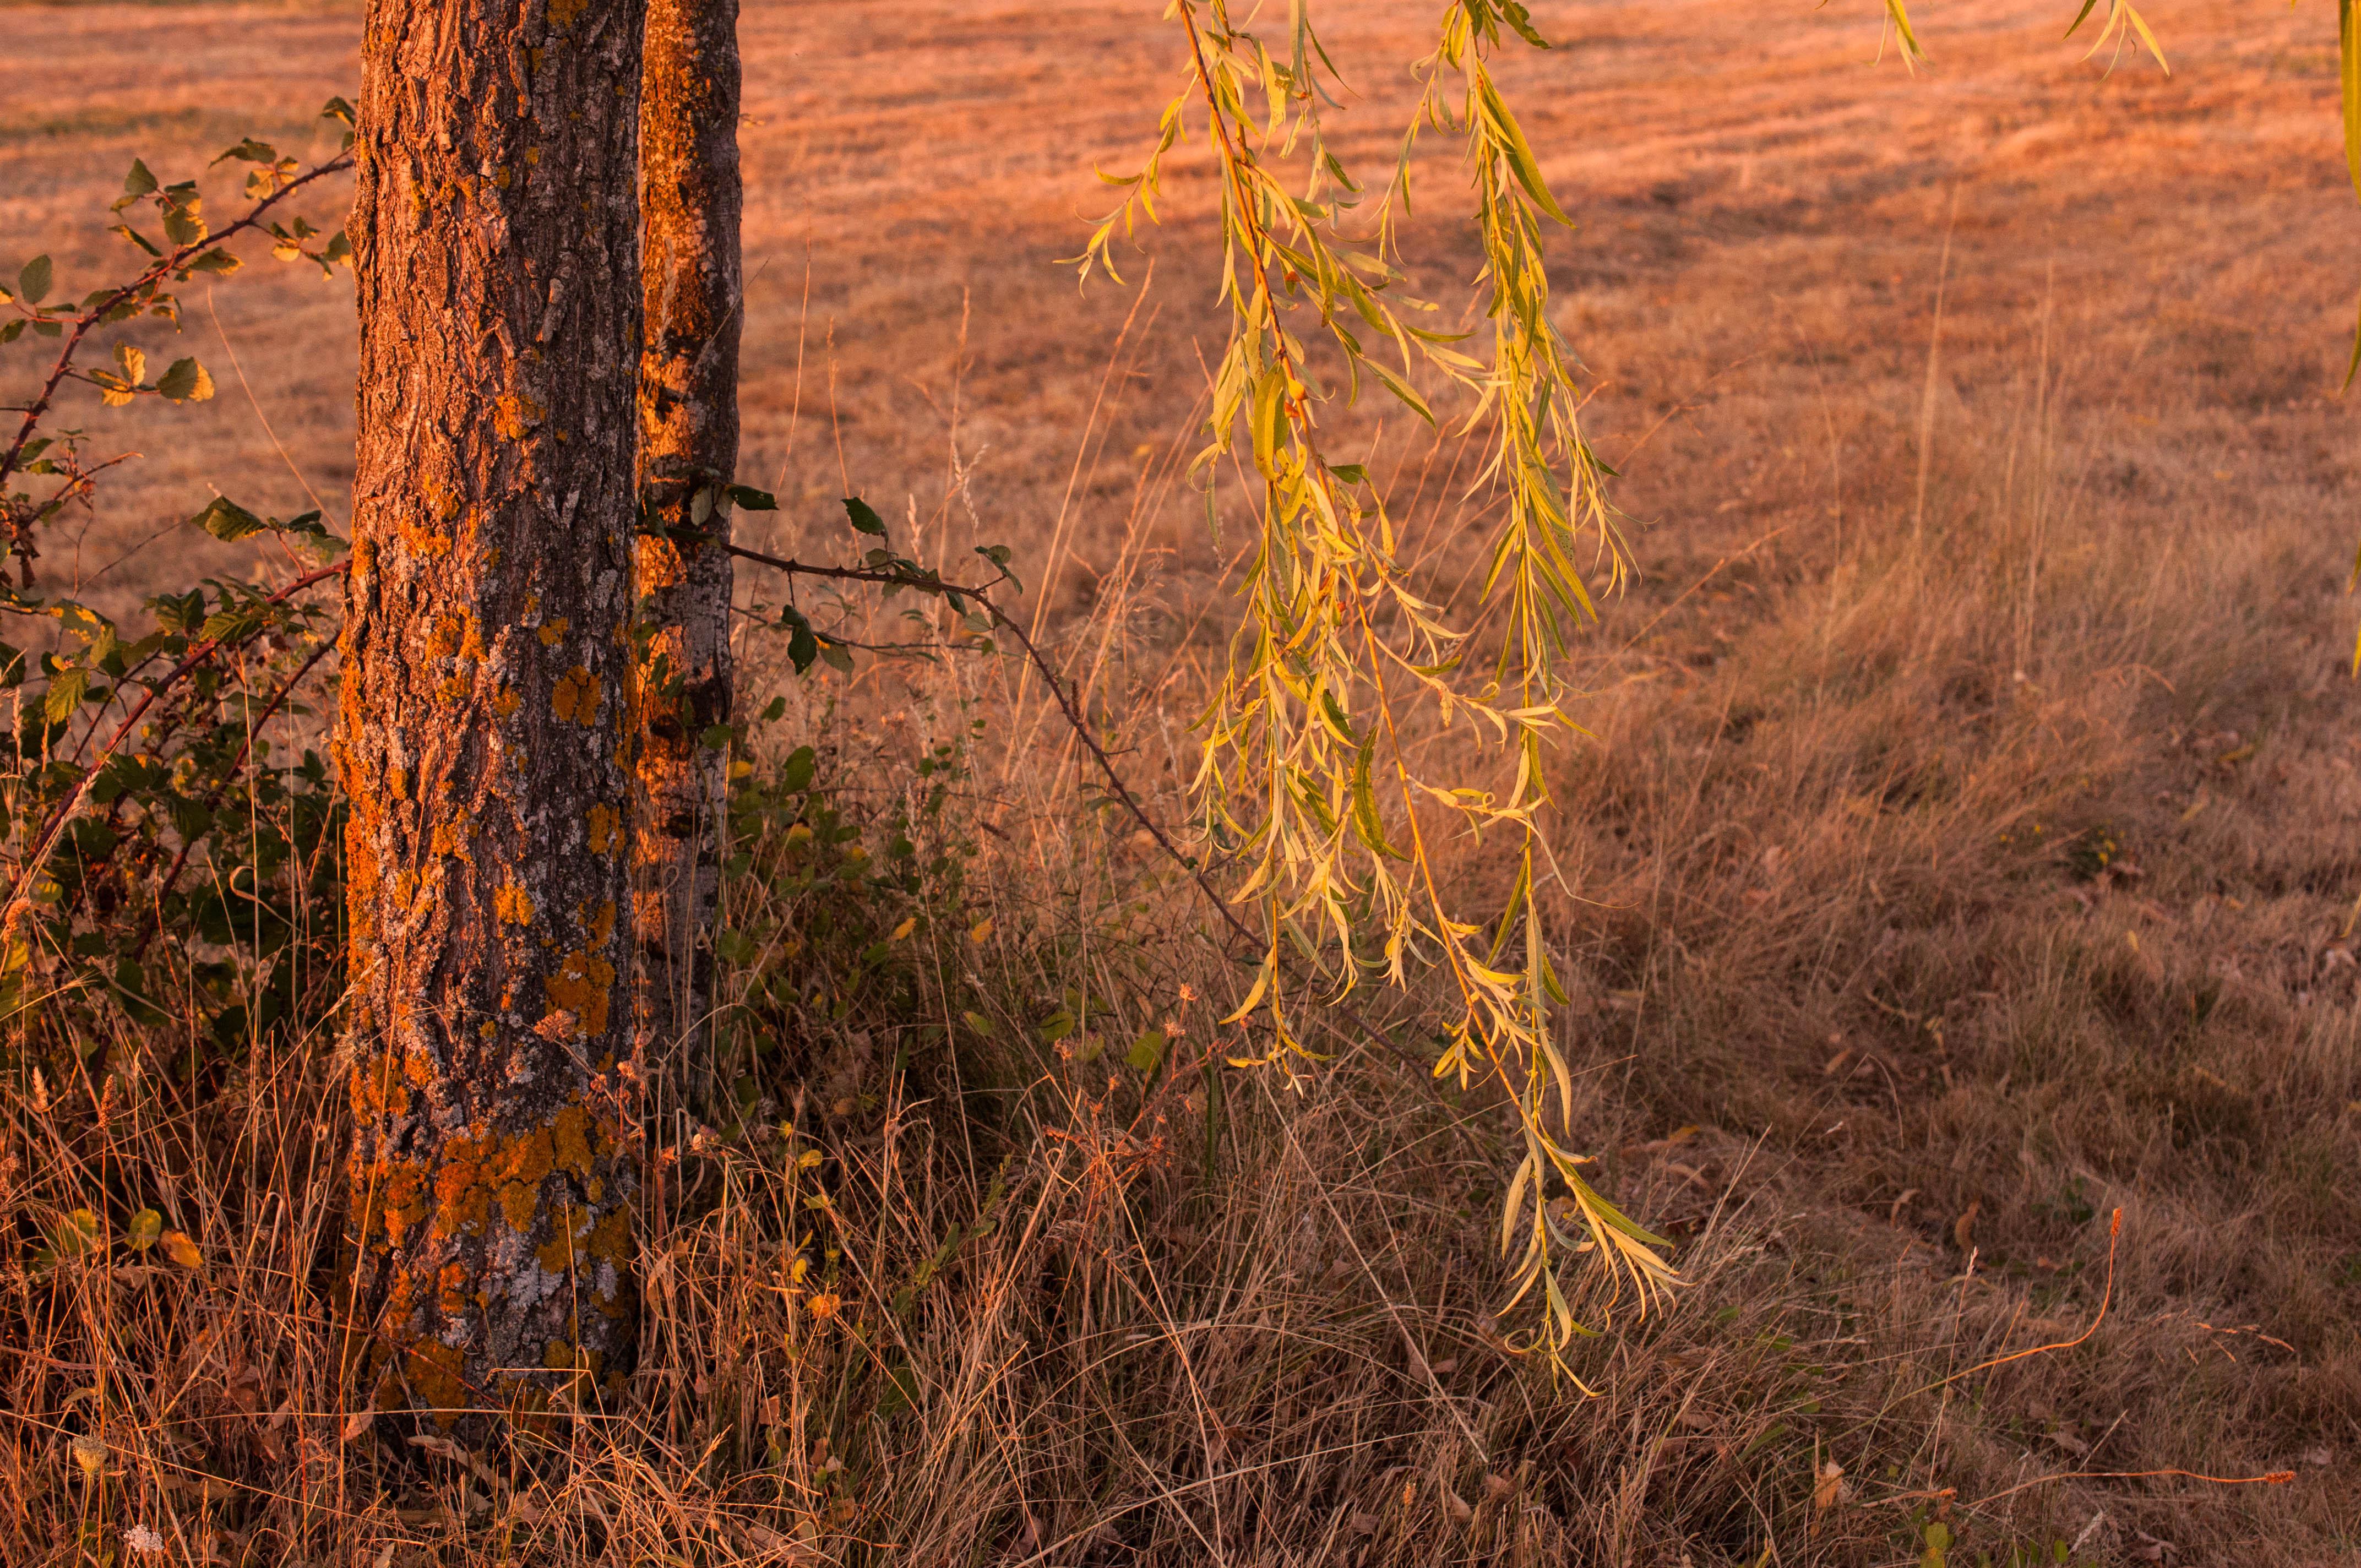 Salix babilonica Las Obreras de Aliste CB Artesanos de la Miel Aliste Gallegos del Campo Artesanos de la Miel